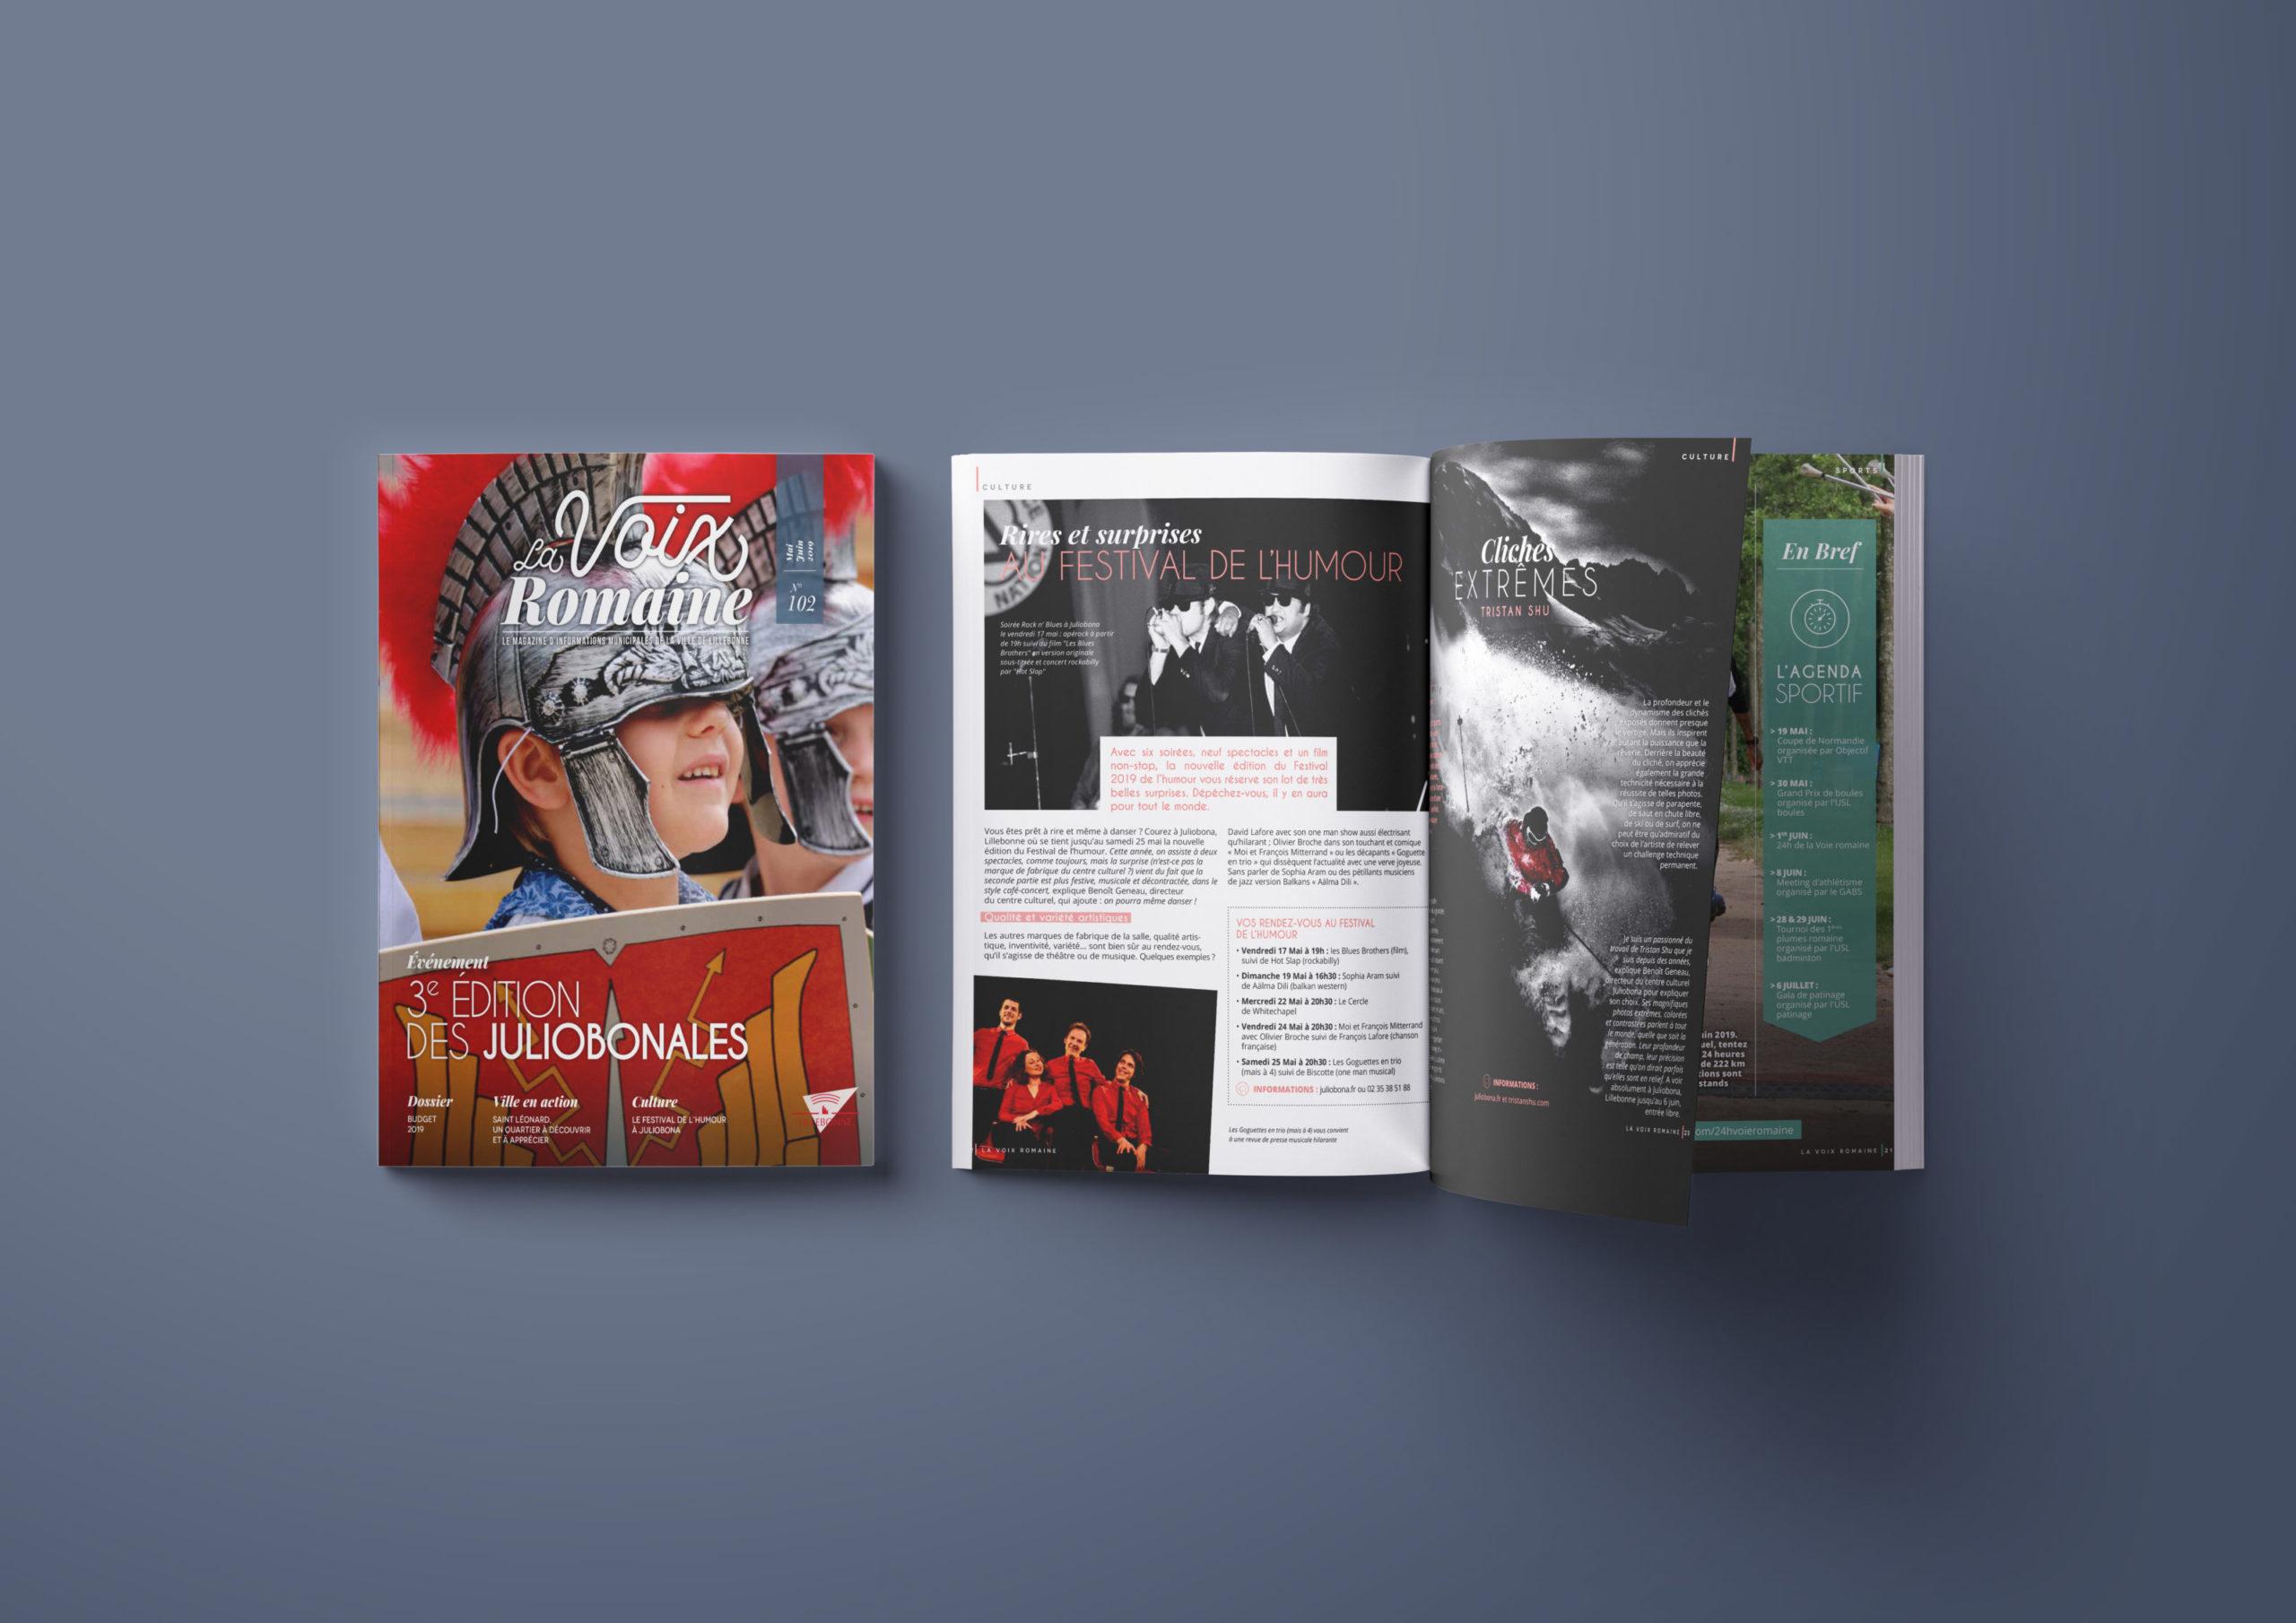 La voix Romaine magazine